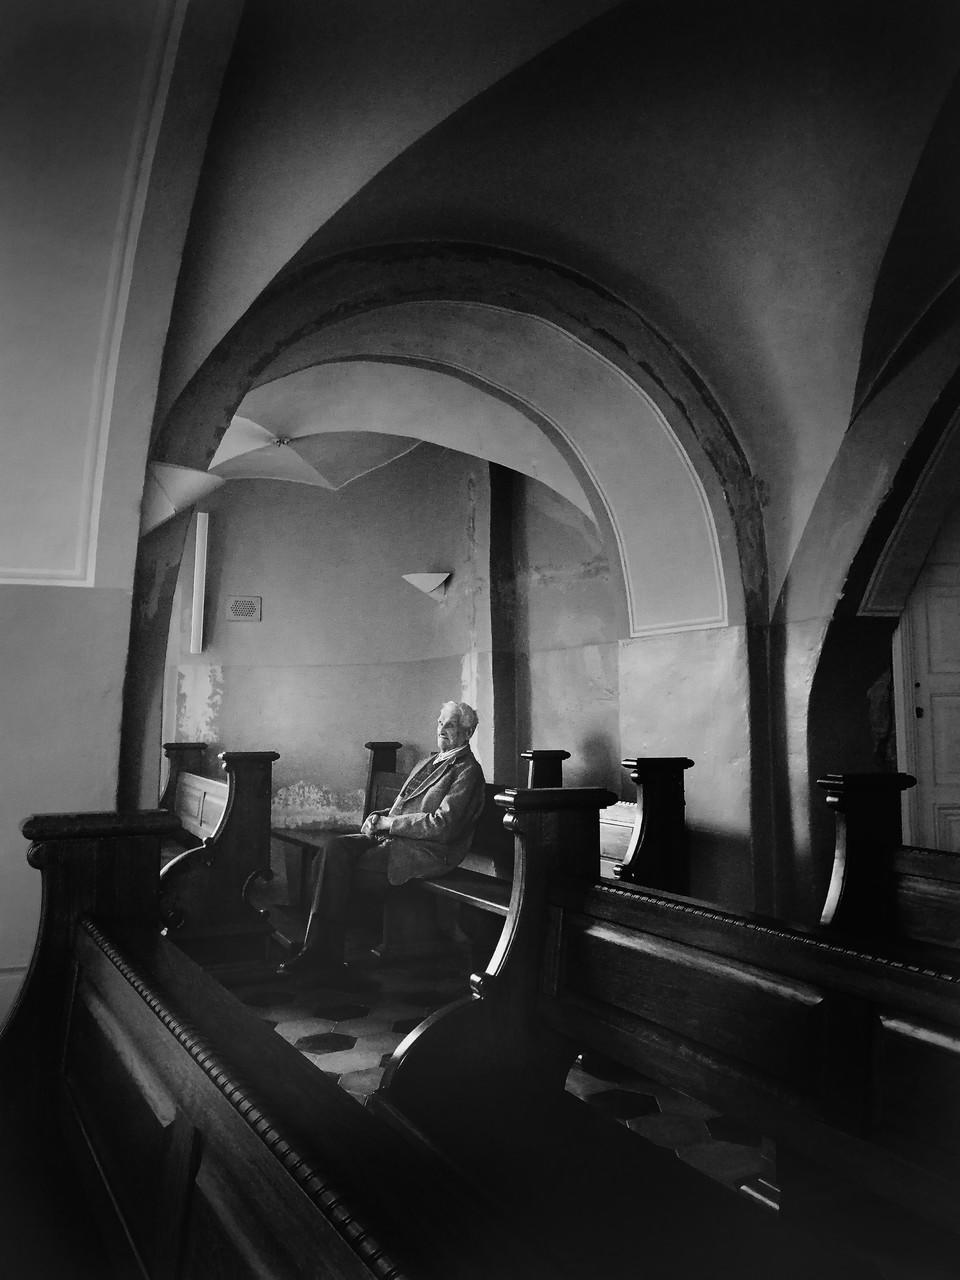 The Ghost, © Ing Jokst, Huawei Next-Image Awards